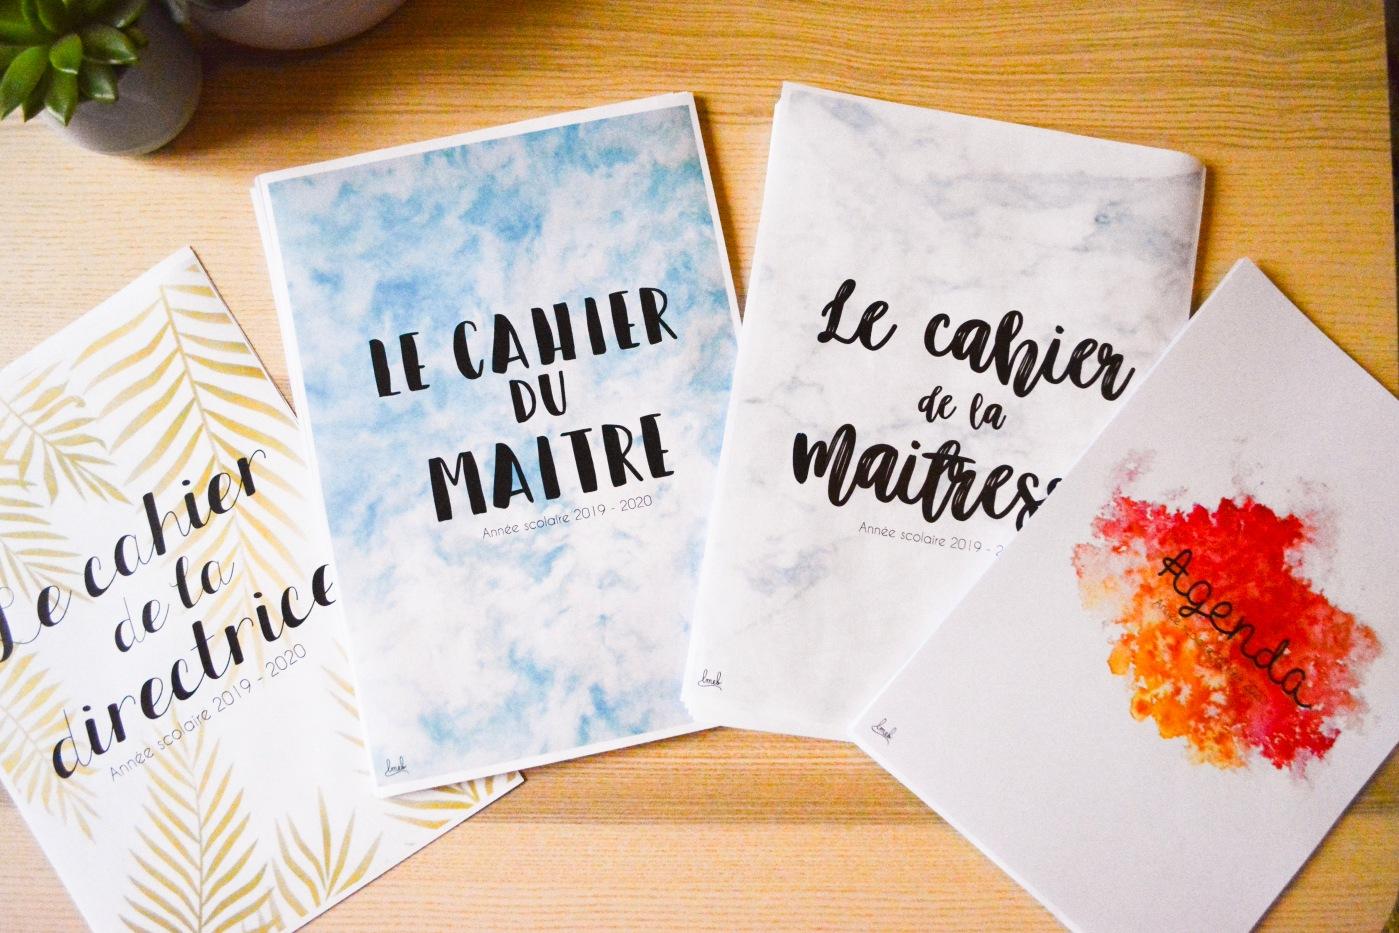 Calendrier Scolaire 20202019 A Imprimer.Le Cahier De La Maitresse 2019 2020 Et Ses Surprises Les